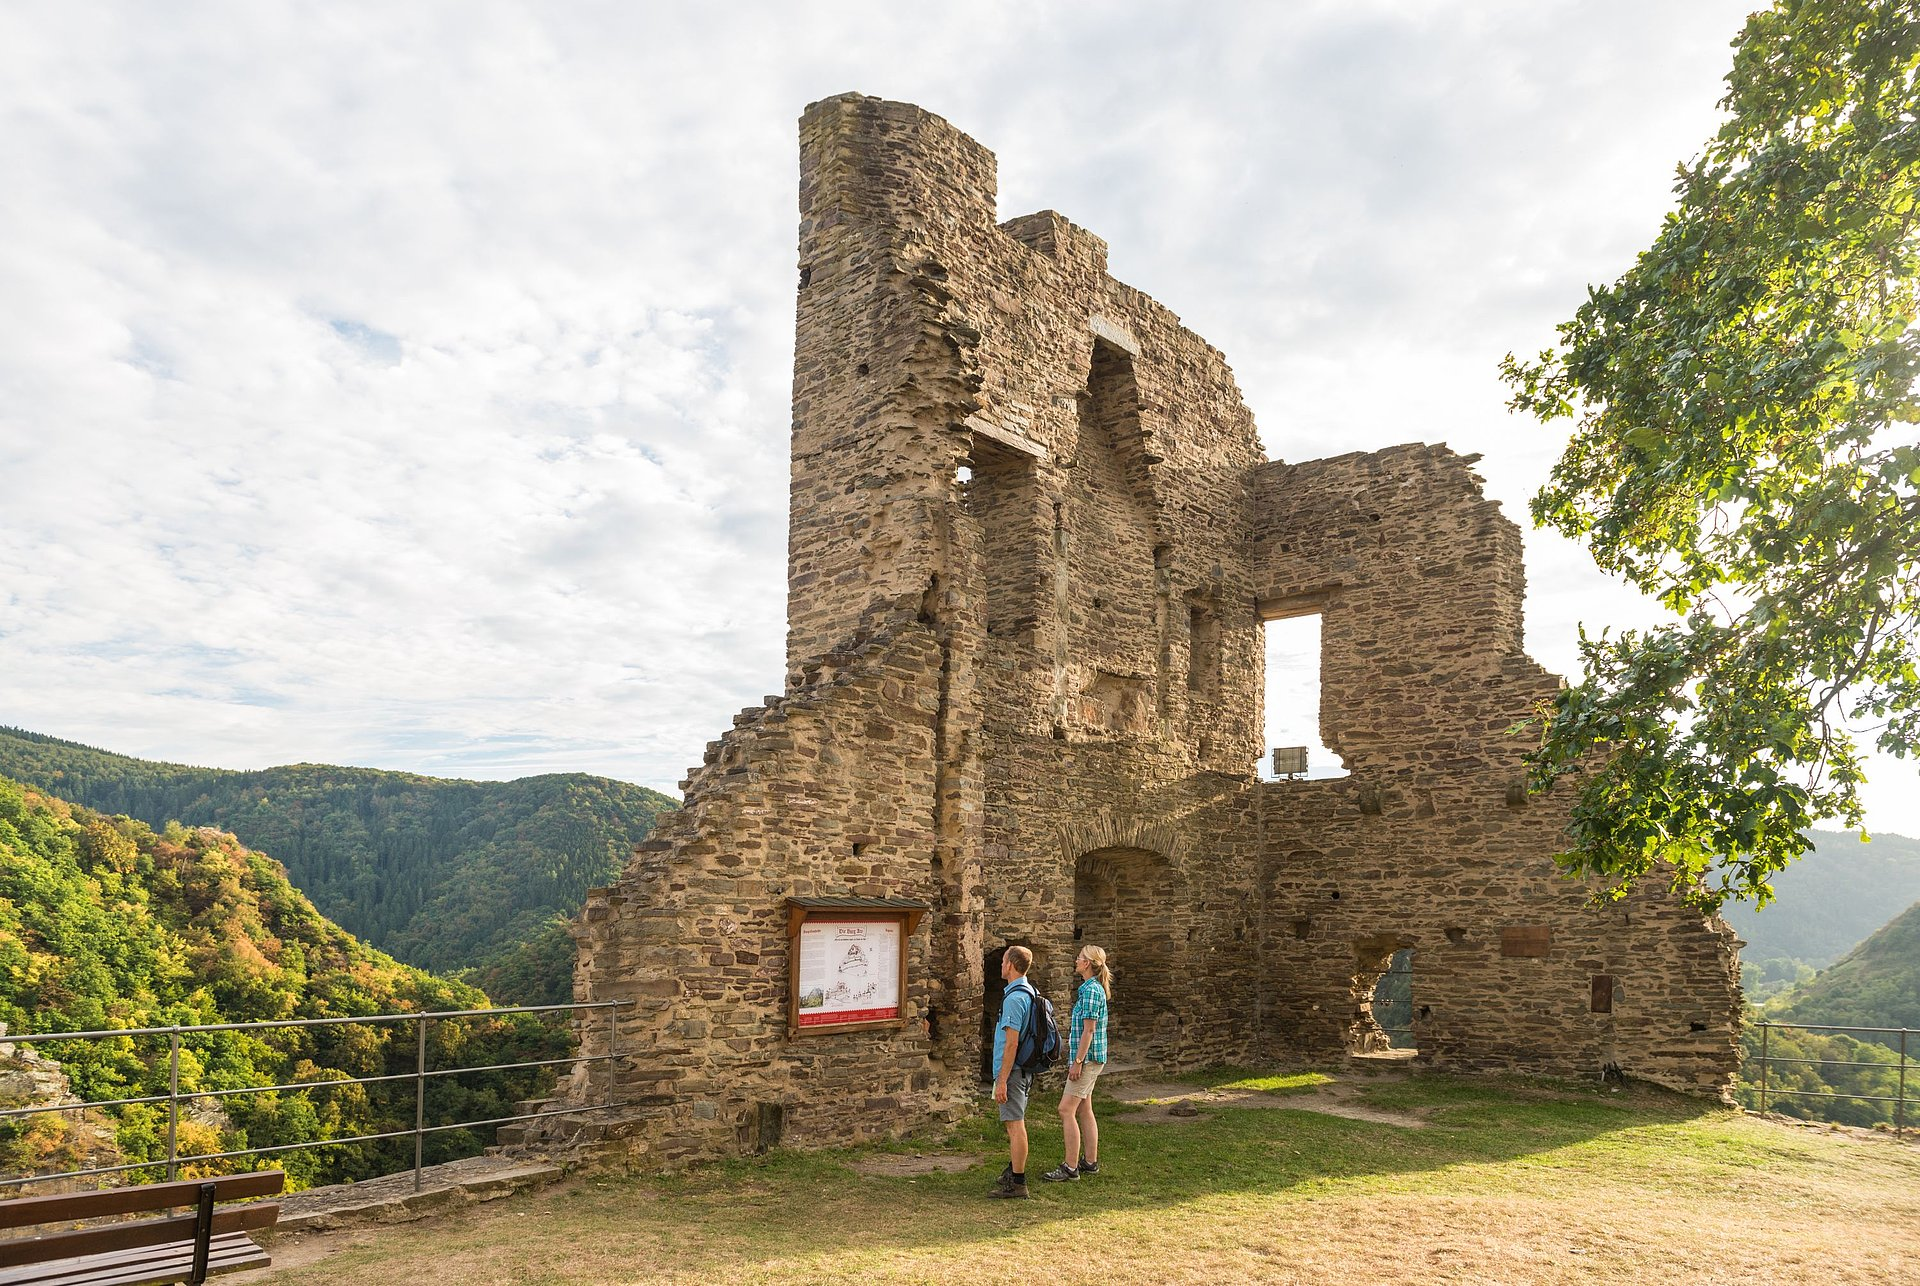 Besichtigung der Burg Are bei Altenahr, Ahrtal